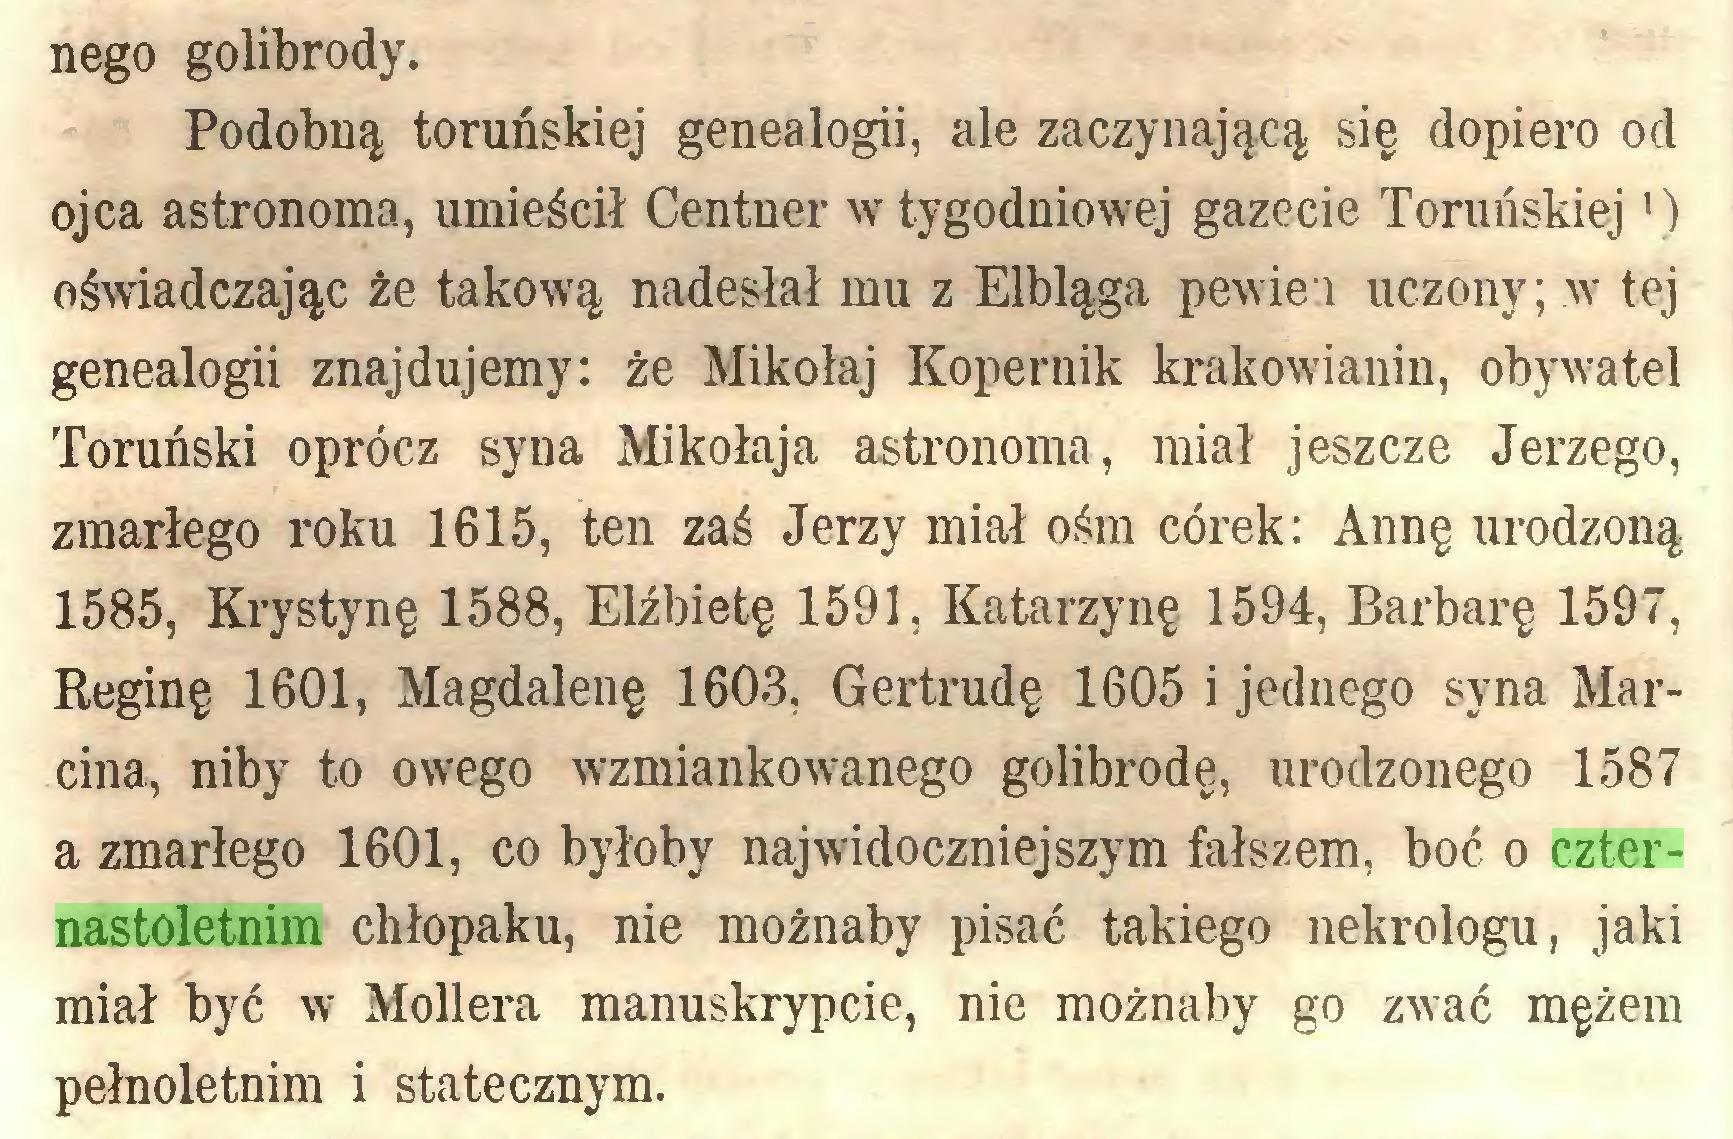 (...) nego golibrody. Podobną toruńskiej genealogii, ale zaczynającą się dopiero od ojca astronoma, umieścił Centner w tygodniowej gazecie Toruńskiej ') oświadczając że takową nadesłał mu z Elbląga pewiei uczony; w tej genealogii znajdujemy: że Mikołaj Kopernik krakowianin, obywatel Toruński oprócz syna Mikołaja astronoma, miał jeszcze Jerzego, zmarłego roku 1615, ten zaś Jerzy miał ośm córek: Annę urodzoną 1585, Krystynę 1588, Elżbietę 1591, Katarzynę 1594, Barbarę 1597, Reginę 1601, Magdalenę 1603, Gertrudę 1605 i jednego syna Marcina, niby to owego wzmiankowanego golibrodę, urodzonego 1587 a zmarłego 1601, co byłoby najwidoczniejszym fałszem, boć o czternastoletnim chłopaku, nie możnaby pisać takiego nekrologu, jaki miał być w Moliera manuskrypcie, nie możnaby go zwać mężem pełnoletnim i statecznym...